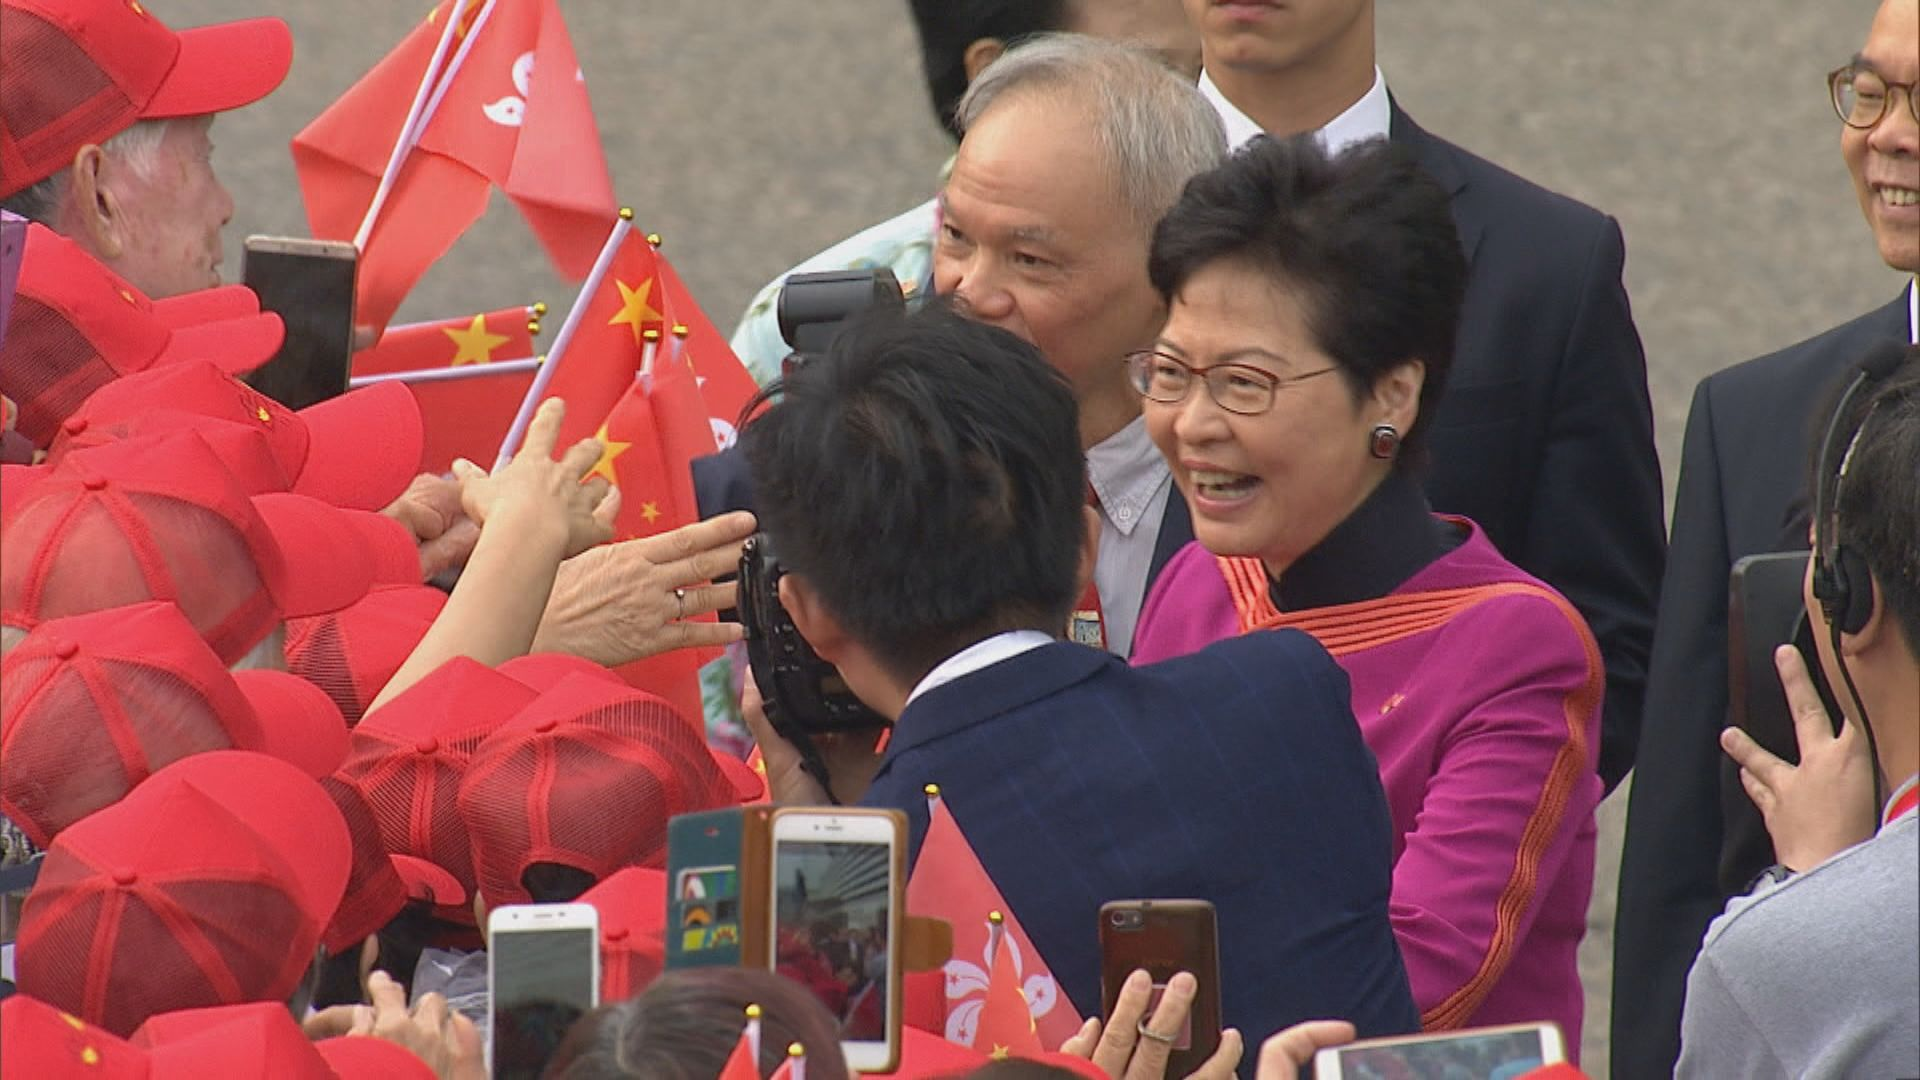 國慶69周年 金紫荊廣場舉行升旗儀式